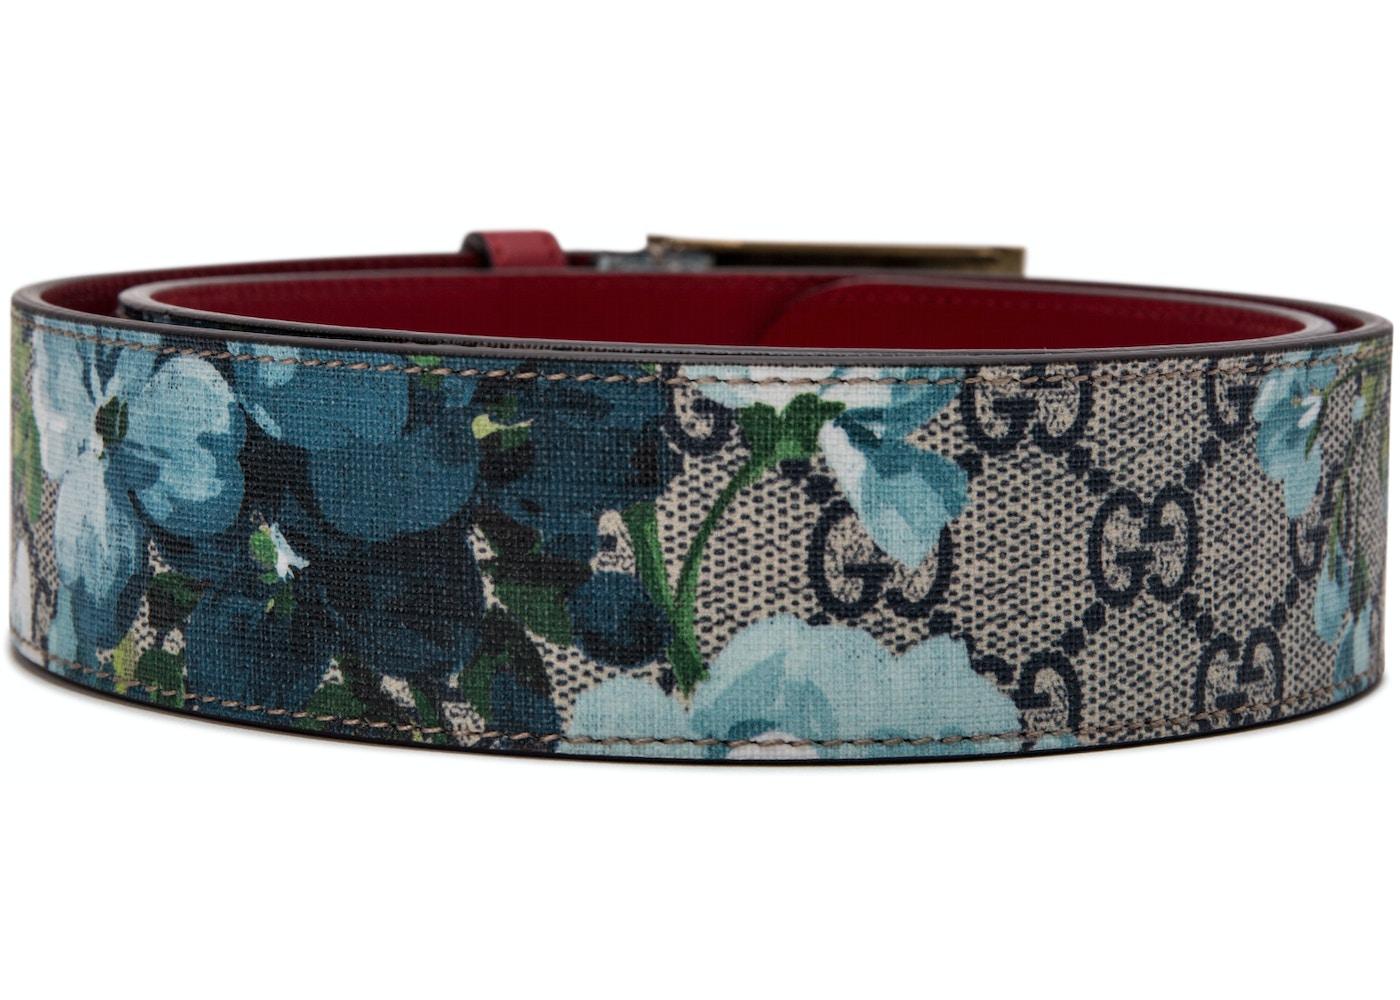 e0a86c93b93 Buy   Sell Luxury Handbags